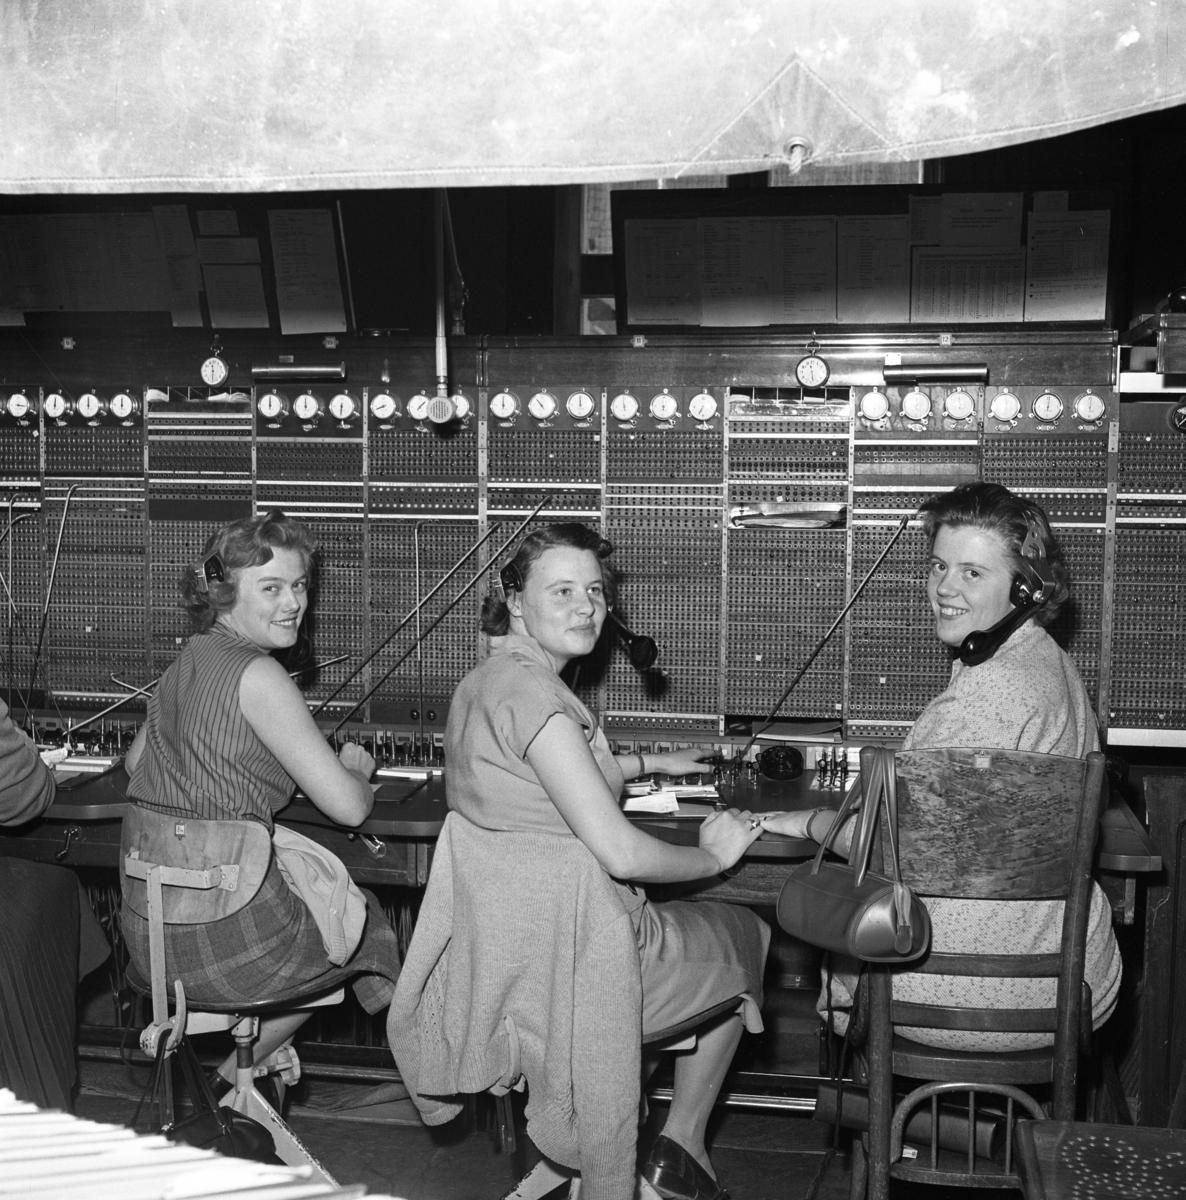 Televerket på Nygatan, efter branden. En presenning hänger i taket för att skydda växeln från det vatten som användes i släckningsarbetet. Växeltelefonisterna arbetar med en telefonlur hängande vid vänster öra. Klockorna, på rad, visar hur många perioder samtalen pågått. Från vänster: Britt Johansson, okänd och Mary Pettersson. Läs om Telefonen i Arboga och branden på Televerket 1956 i Arboga Minnes årsbok 1993.